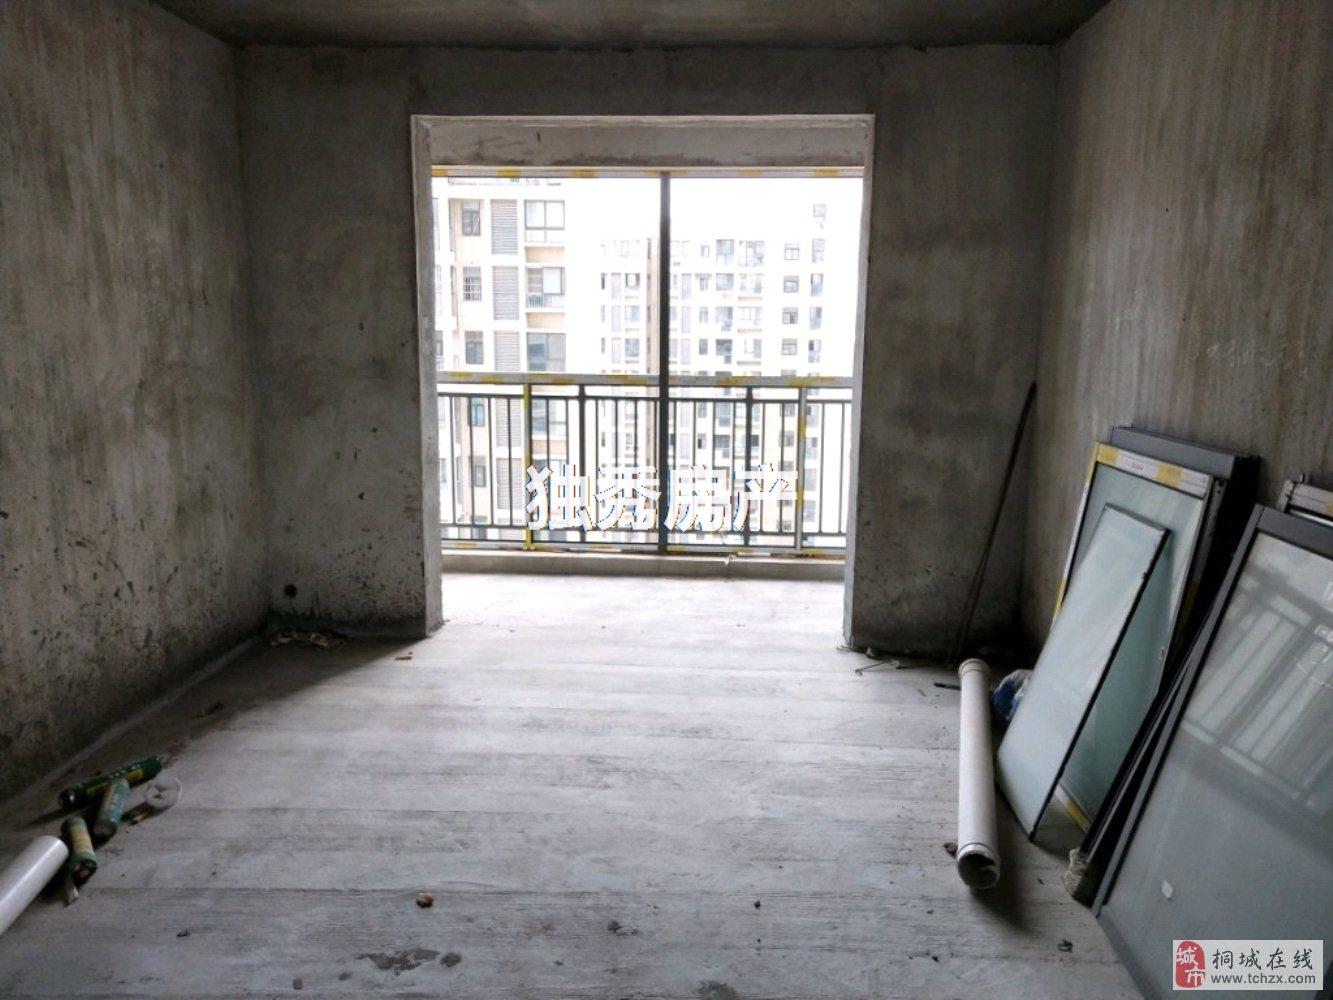 出售天红·中环银座毛坯房3室2厅1卫66万元